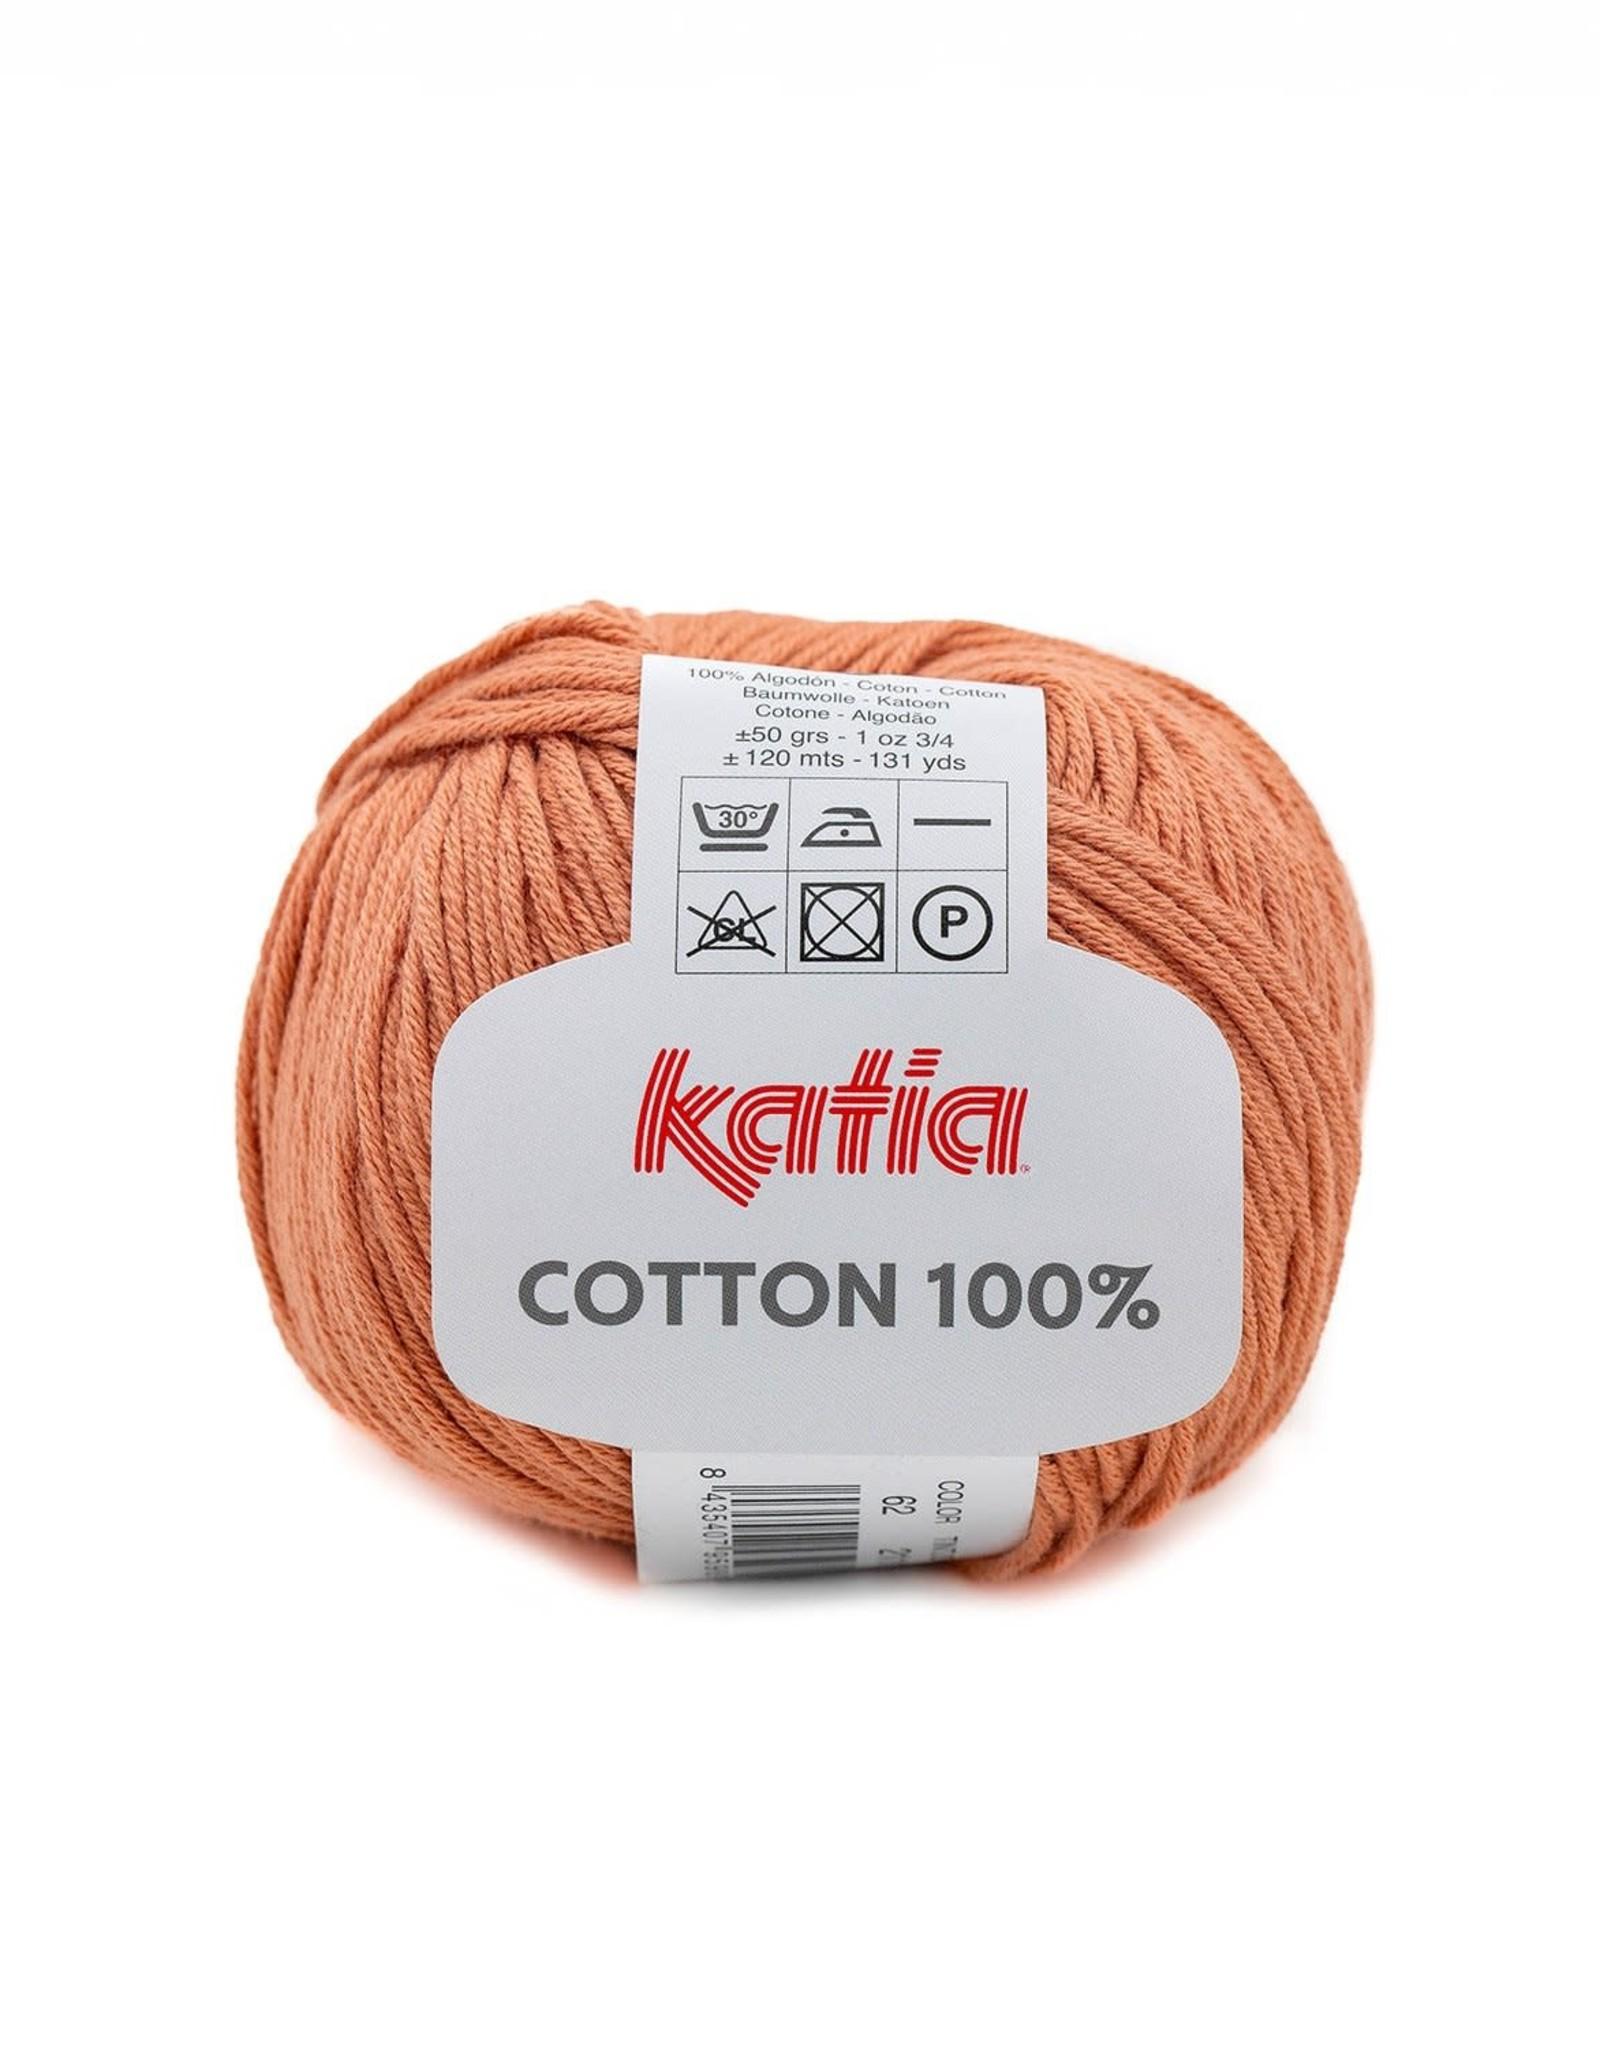 Katia Katia Cotton 100% 62 roestbruin